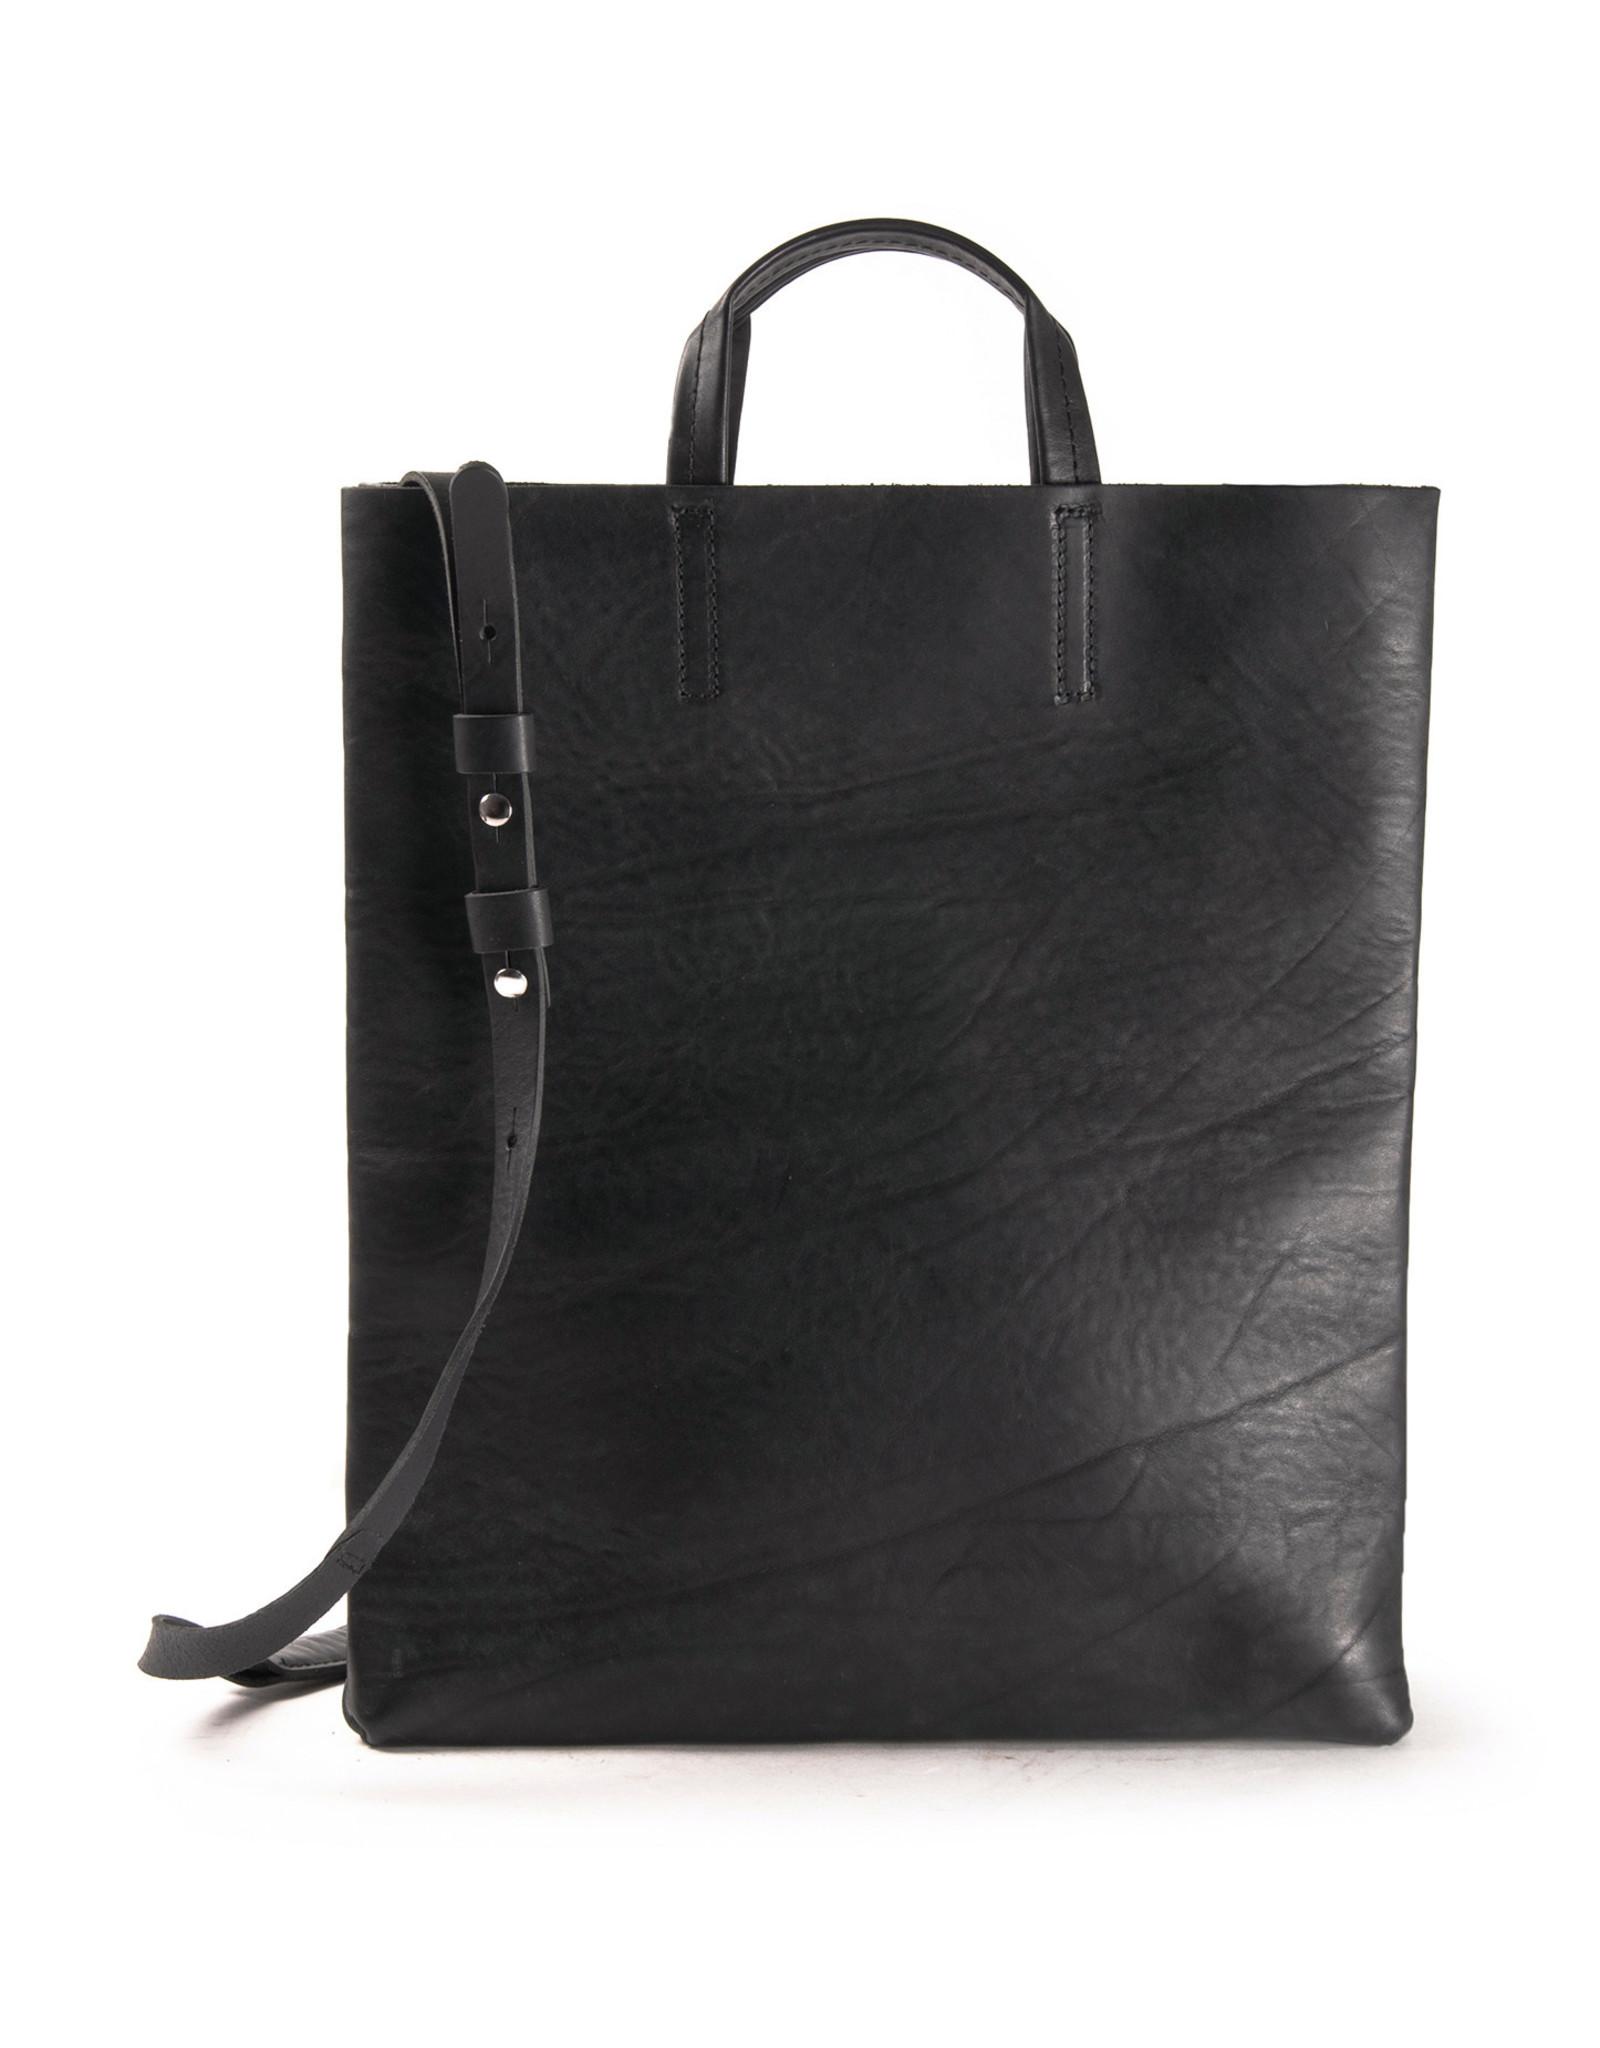 Harold's Leather paper bag with shoulder strap